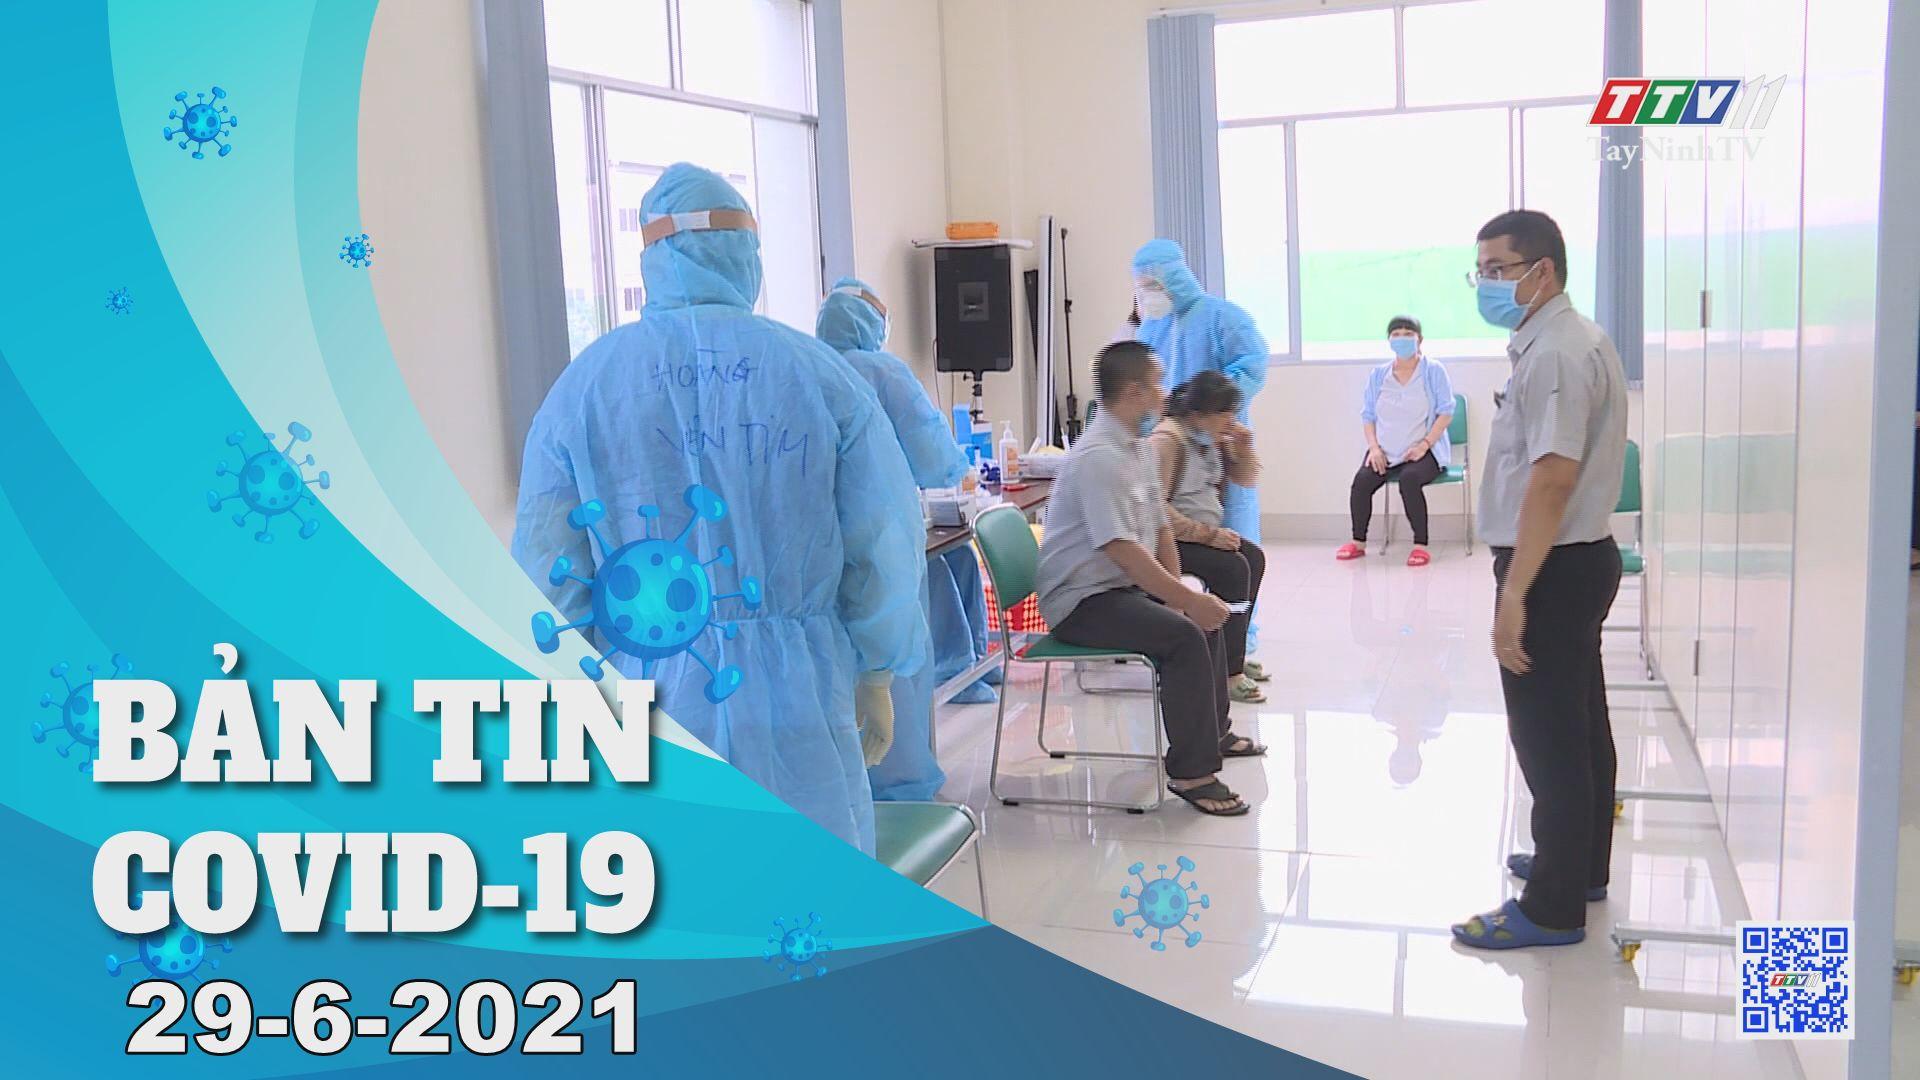 Bản tin Covid-19   Tin tức hôm nay 29-6-2021   TâyNinhTV